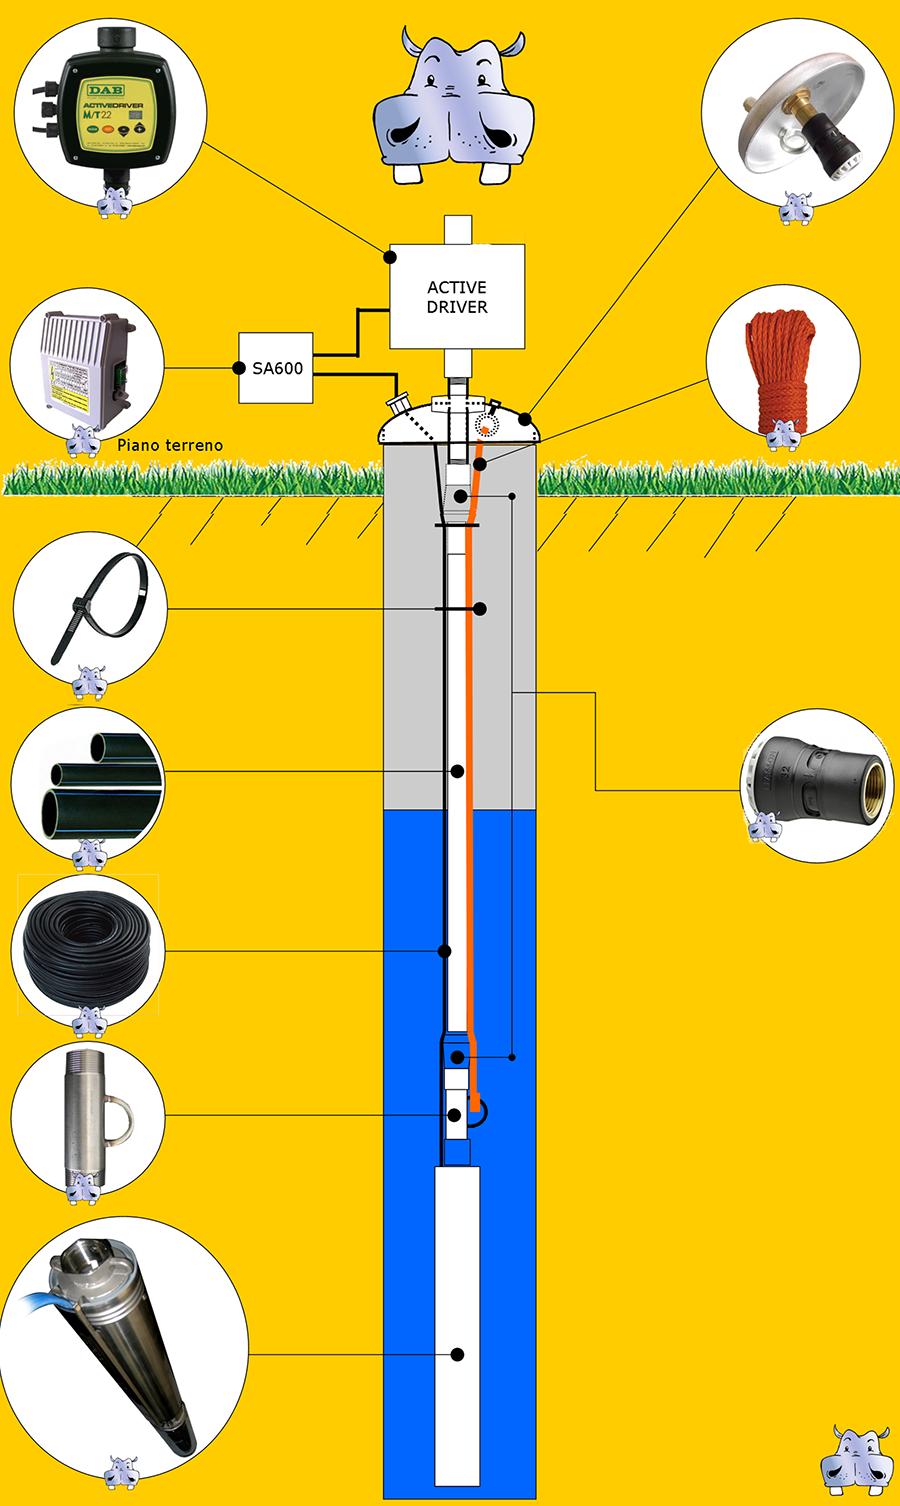 Schema Elettrico Pompa Sommersa Pozzo : Impianto di sollevamento acqua pozzo pompa sommersa